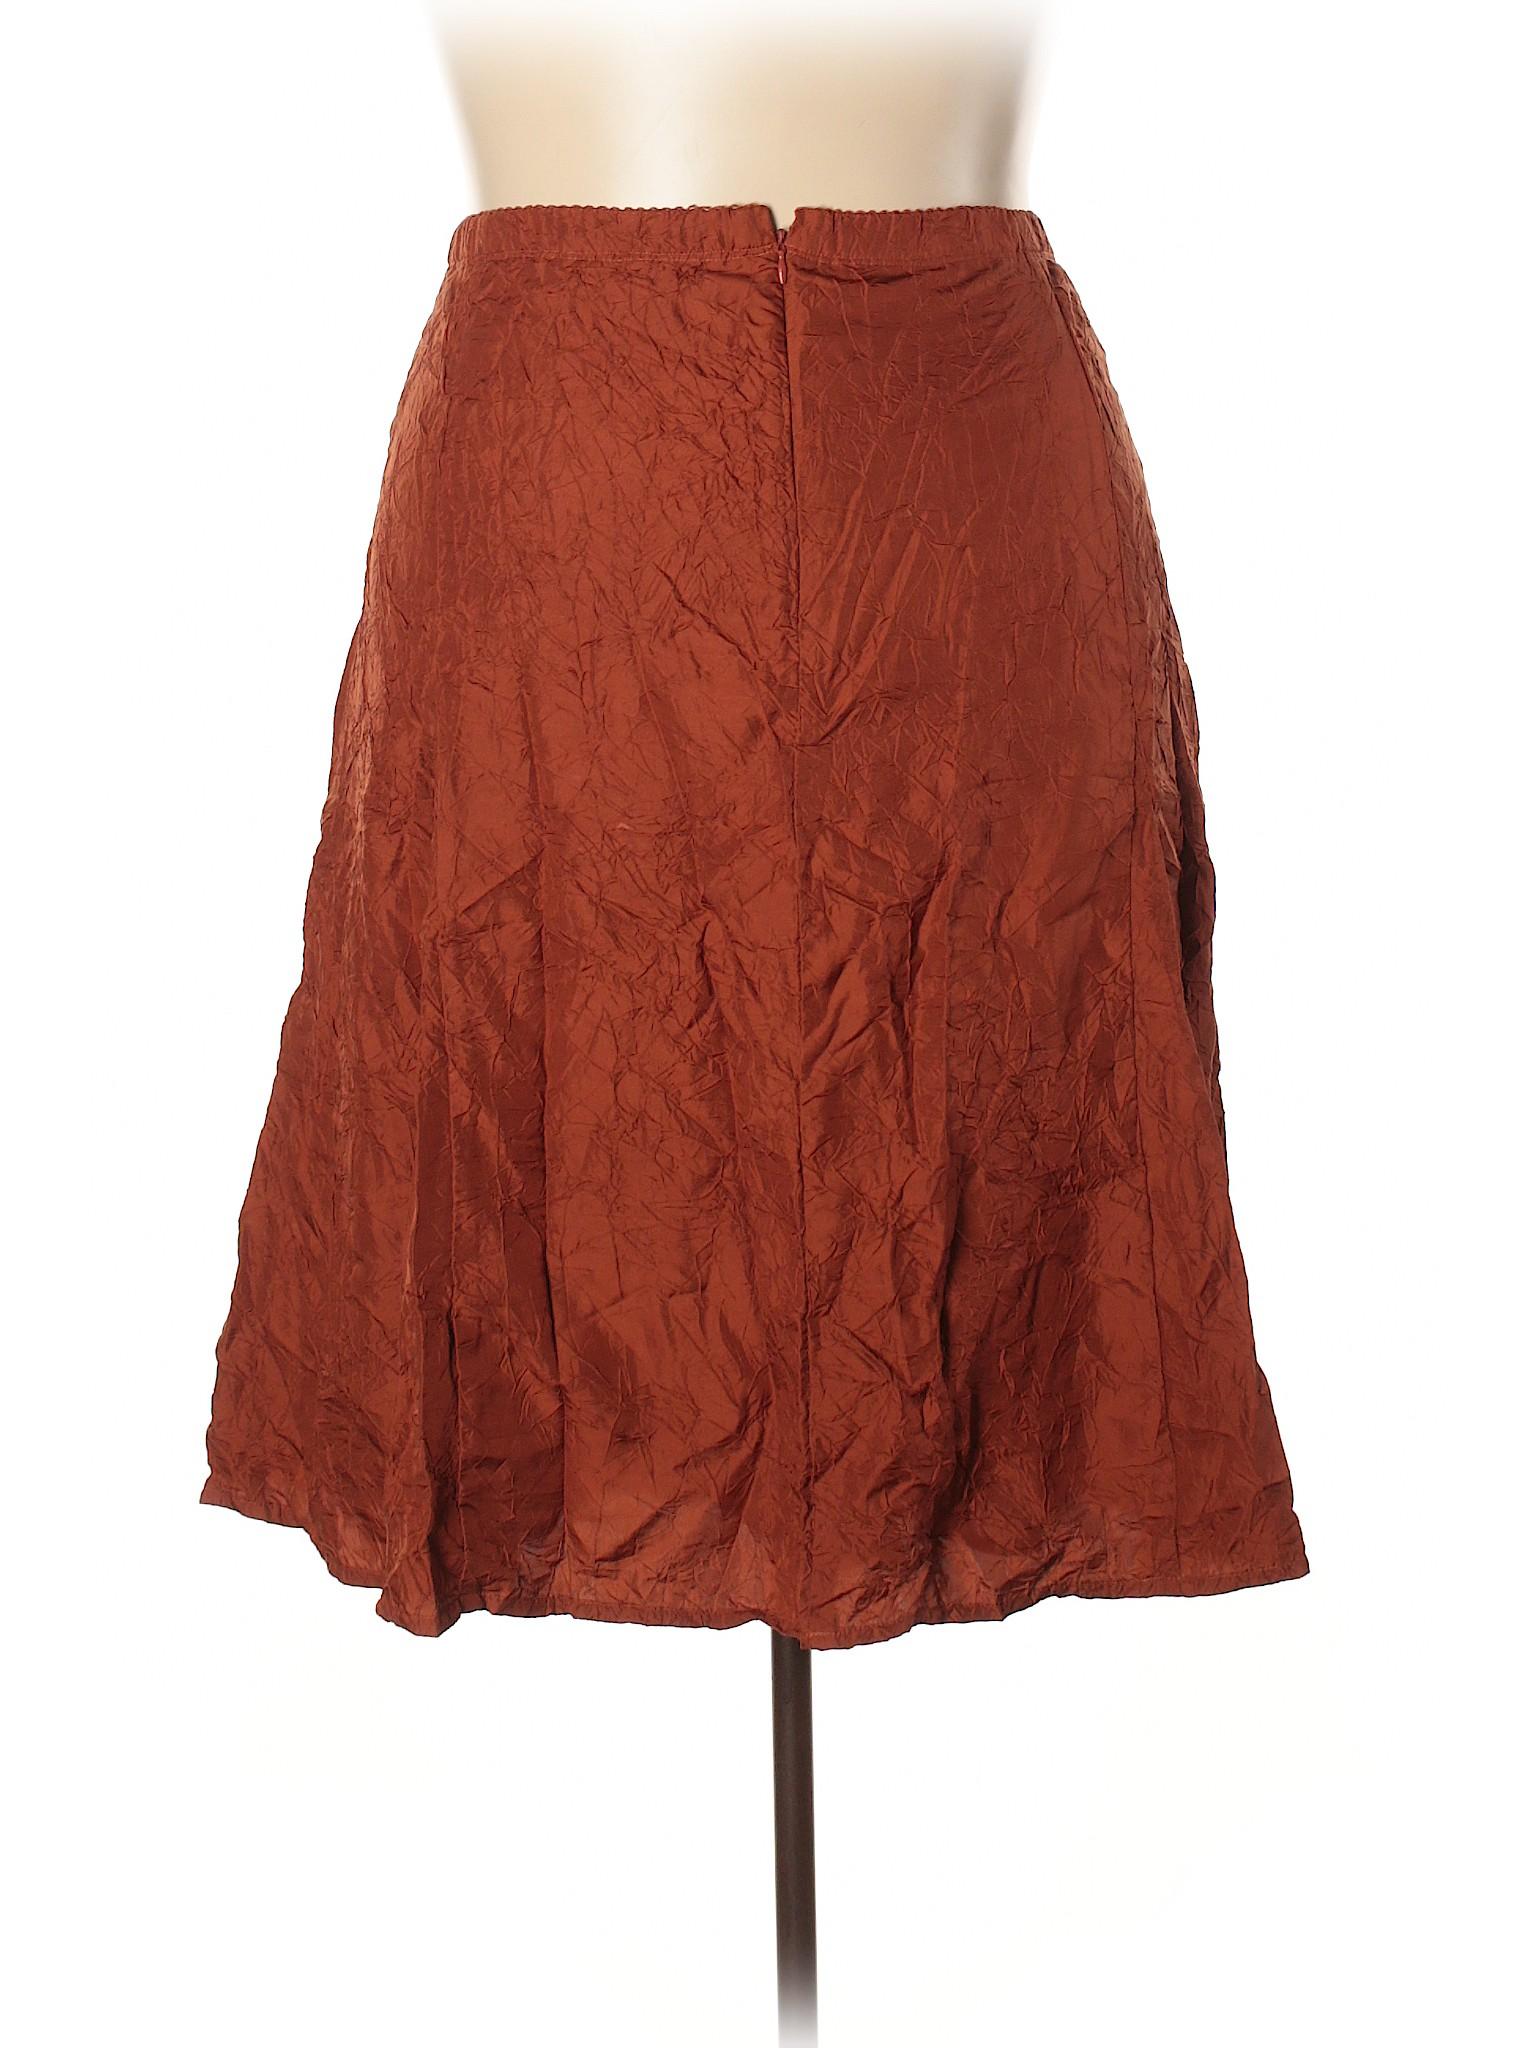 Skirt Boutique Casual Casual Boutique Boutique Skirt Skirt Casual Boutique Skirt Boutique Casual I1wPPfxq7